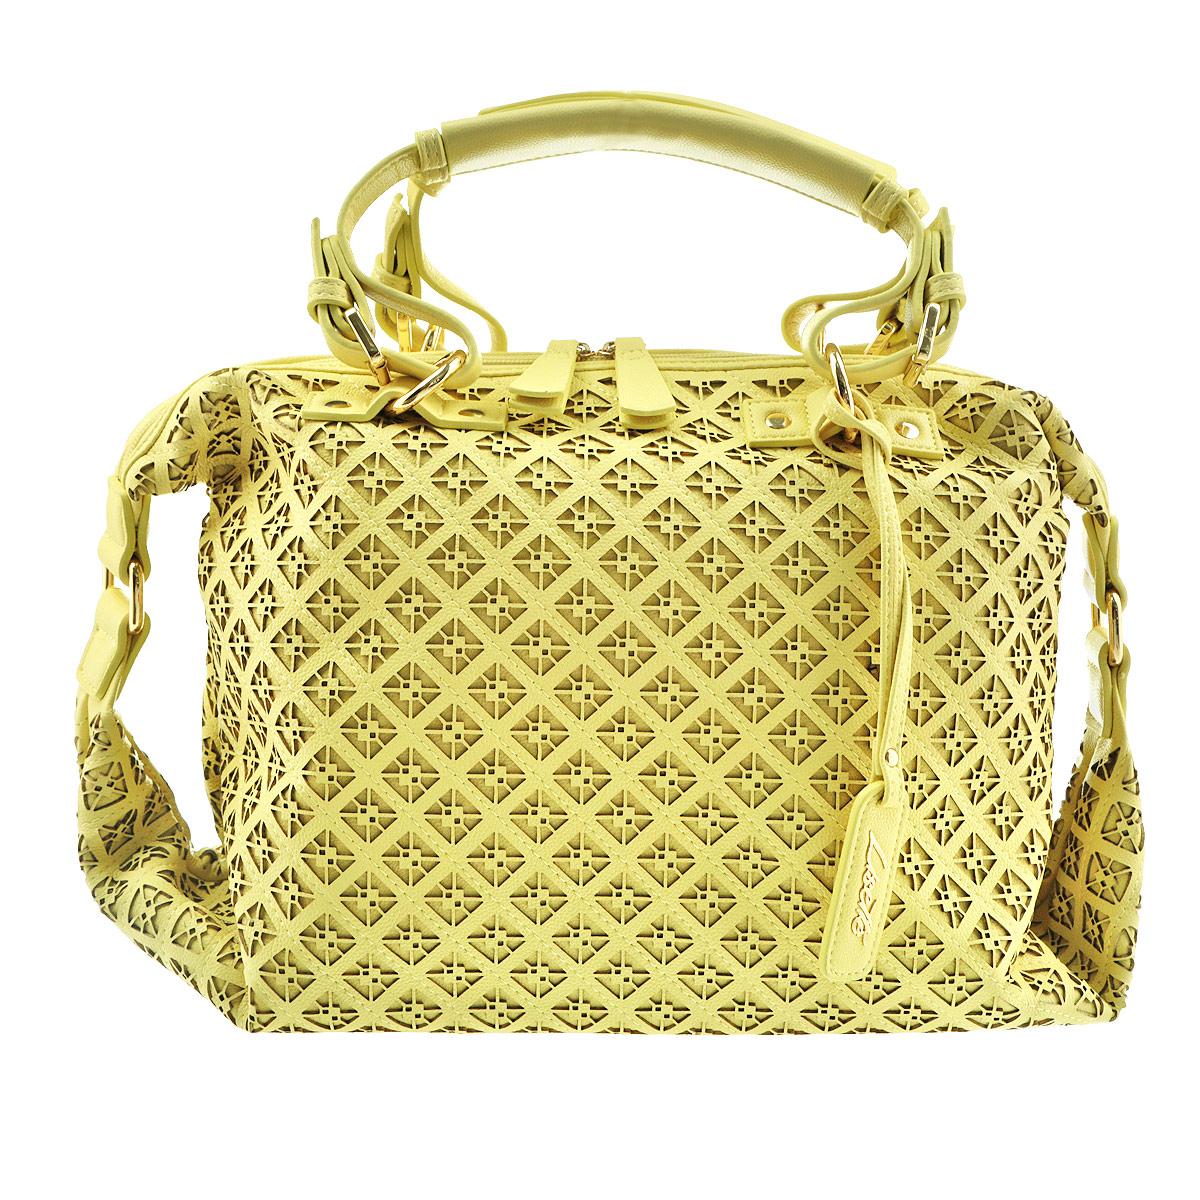 Сумка женская Lisette, цвет: желтый. 12-R38319BS76245Изысканная женская сумка Lisette выполнена из высококачественной искусственной кожи и декорирована перфорацией. Сумка закрывается на пластиковую застежку-молнию. Внутри - большое отделение, небольшой втачной кармашек на застежке-молнии и два накладных кармашка для телефона, мелочей. В дно вставлен специальный уплотнитель, который предотвращает провисание сумки.В комплекте съемный плечевой ремень регулируемой длины.Роскошная сумка внесет элегантные нотки в ваш образ и подчеркнет ваше отменное чувство стиля.